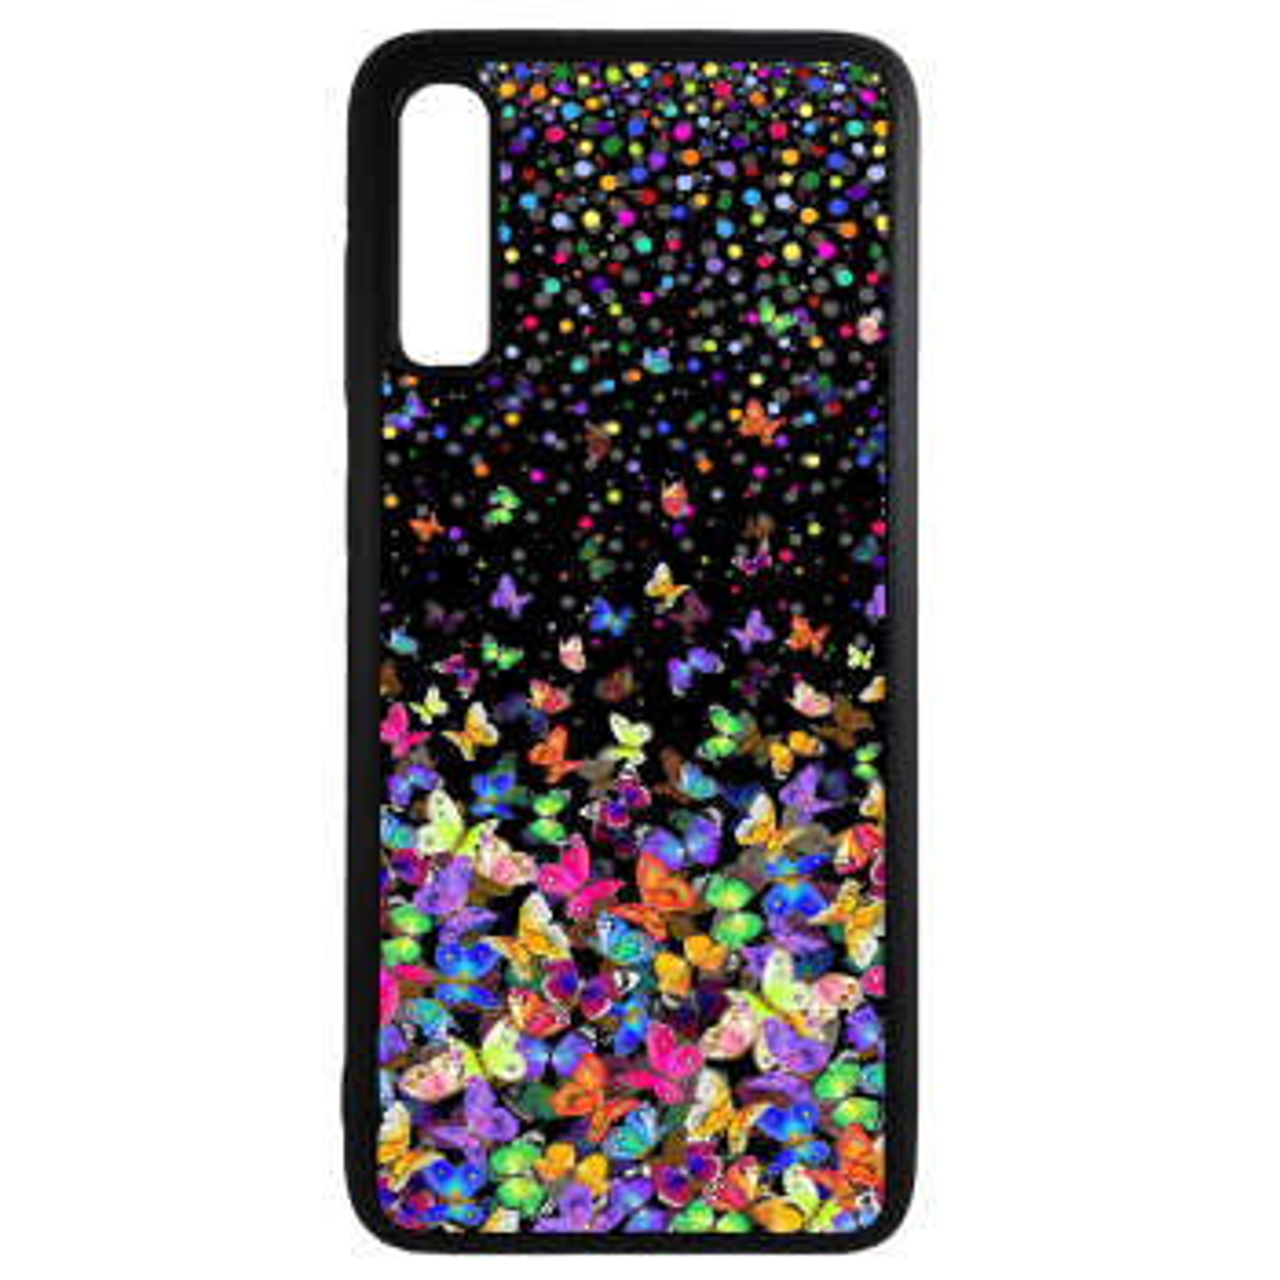 کاور طرح پروانه کد 43175 مناسب برای گوشی موبایل سامسونگ galaxy a70